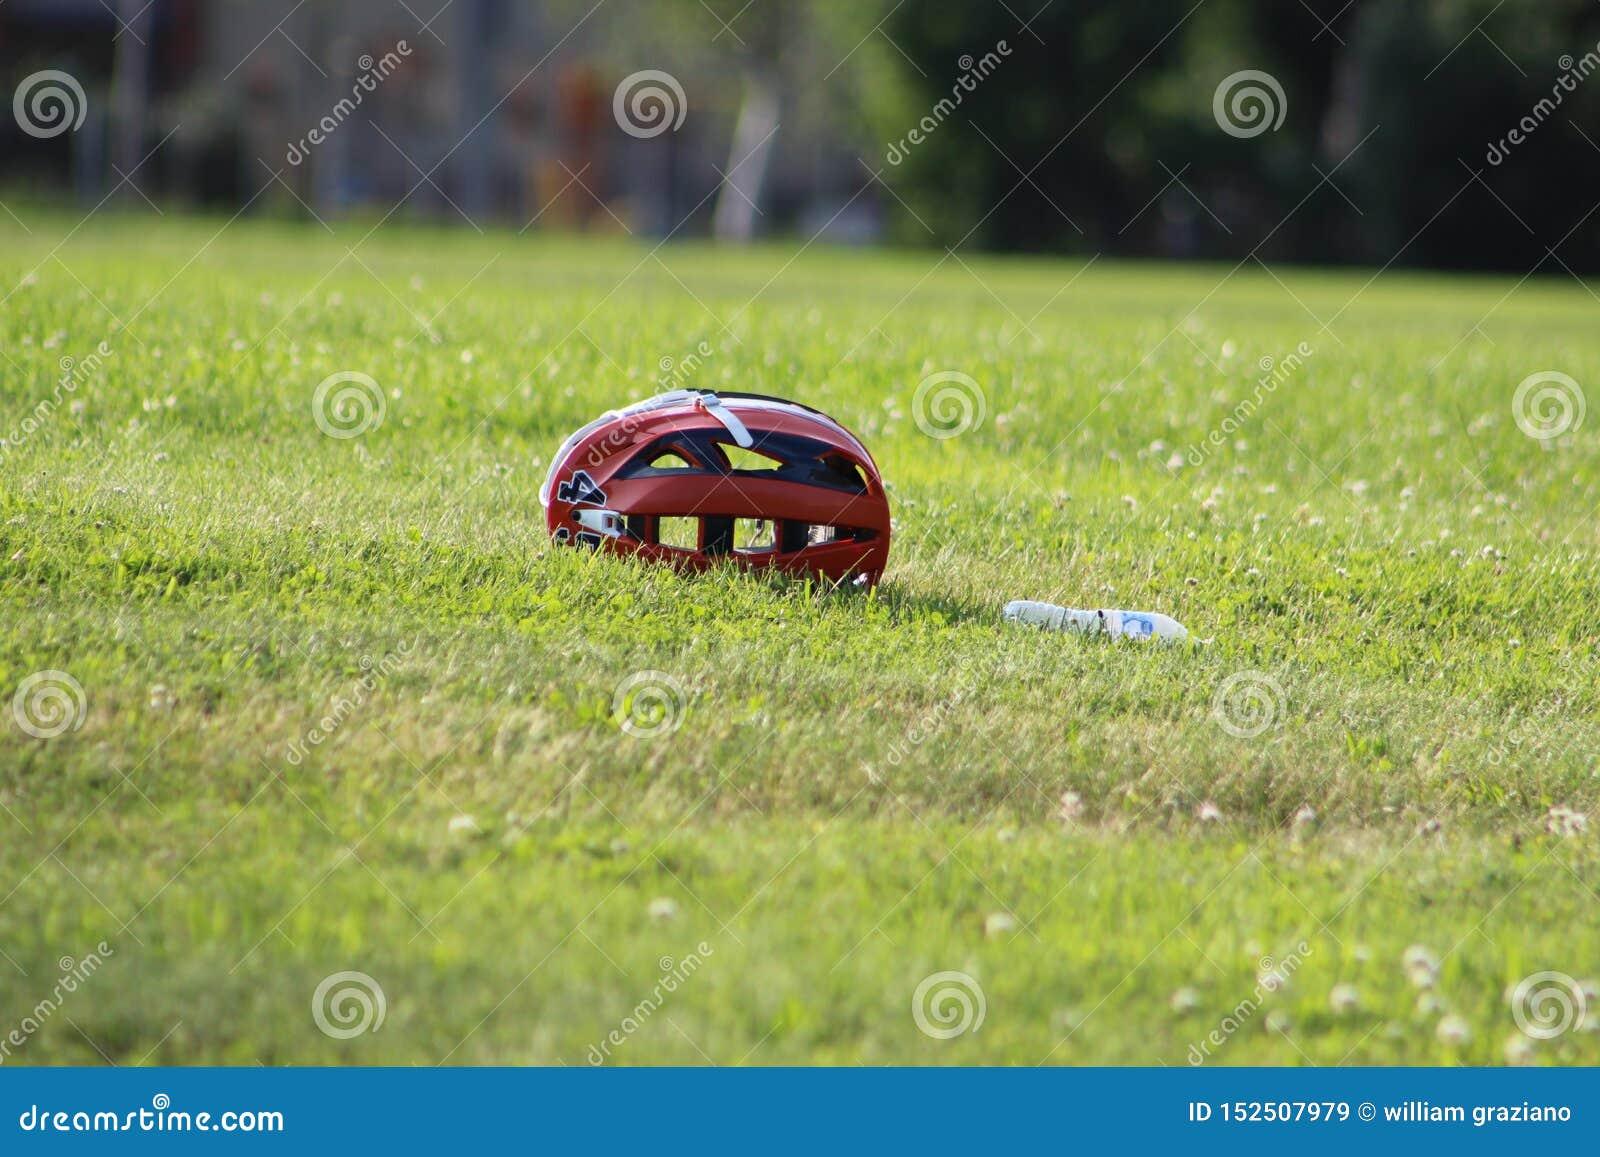 Casco di lacrosse su un campo di erba, con la bottiglia di acqua